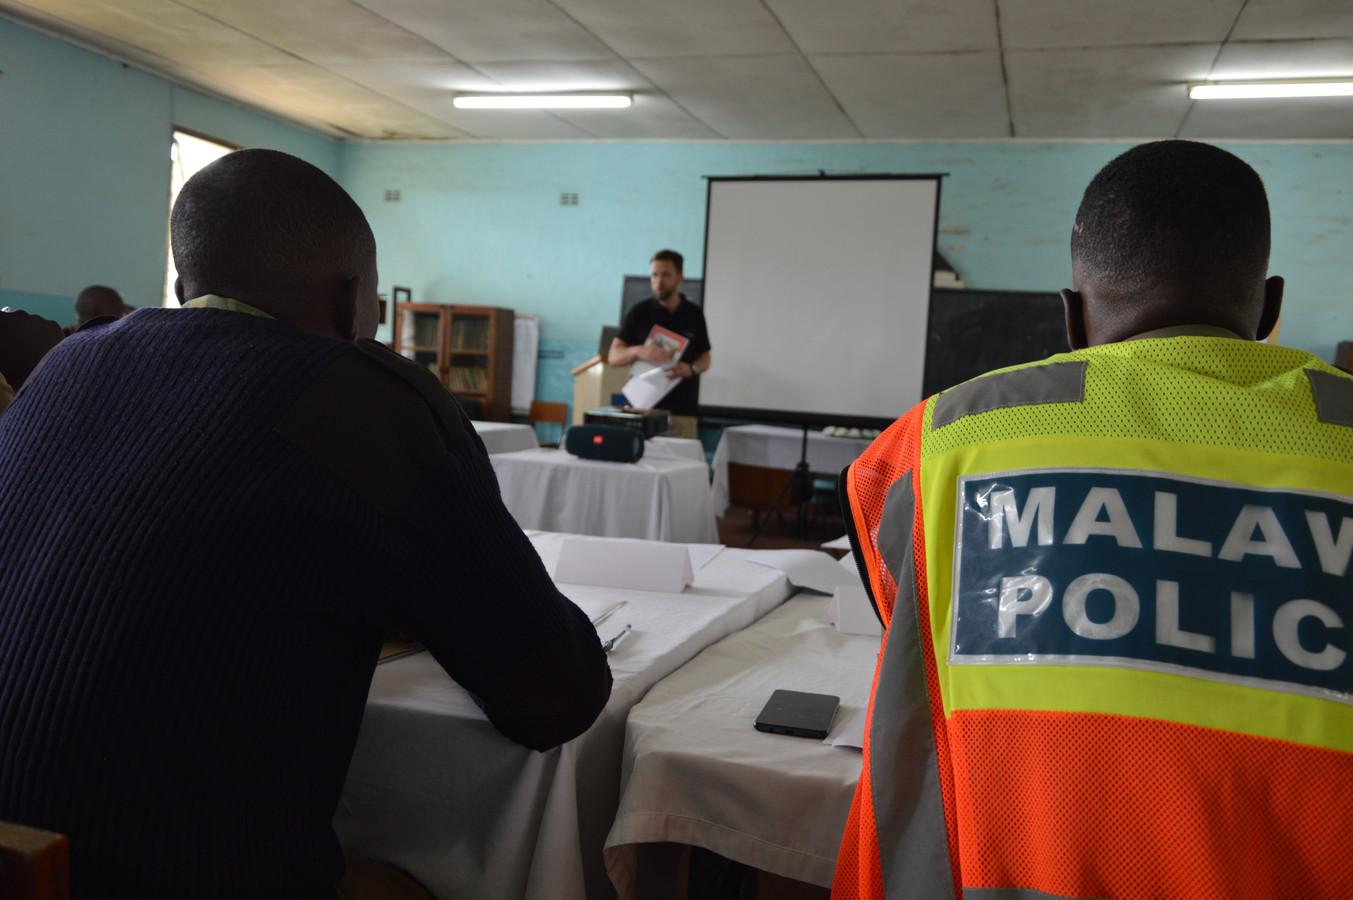 Mark traint in Malawi agenten om alert te zijn op signalen van mensenhandel.